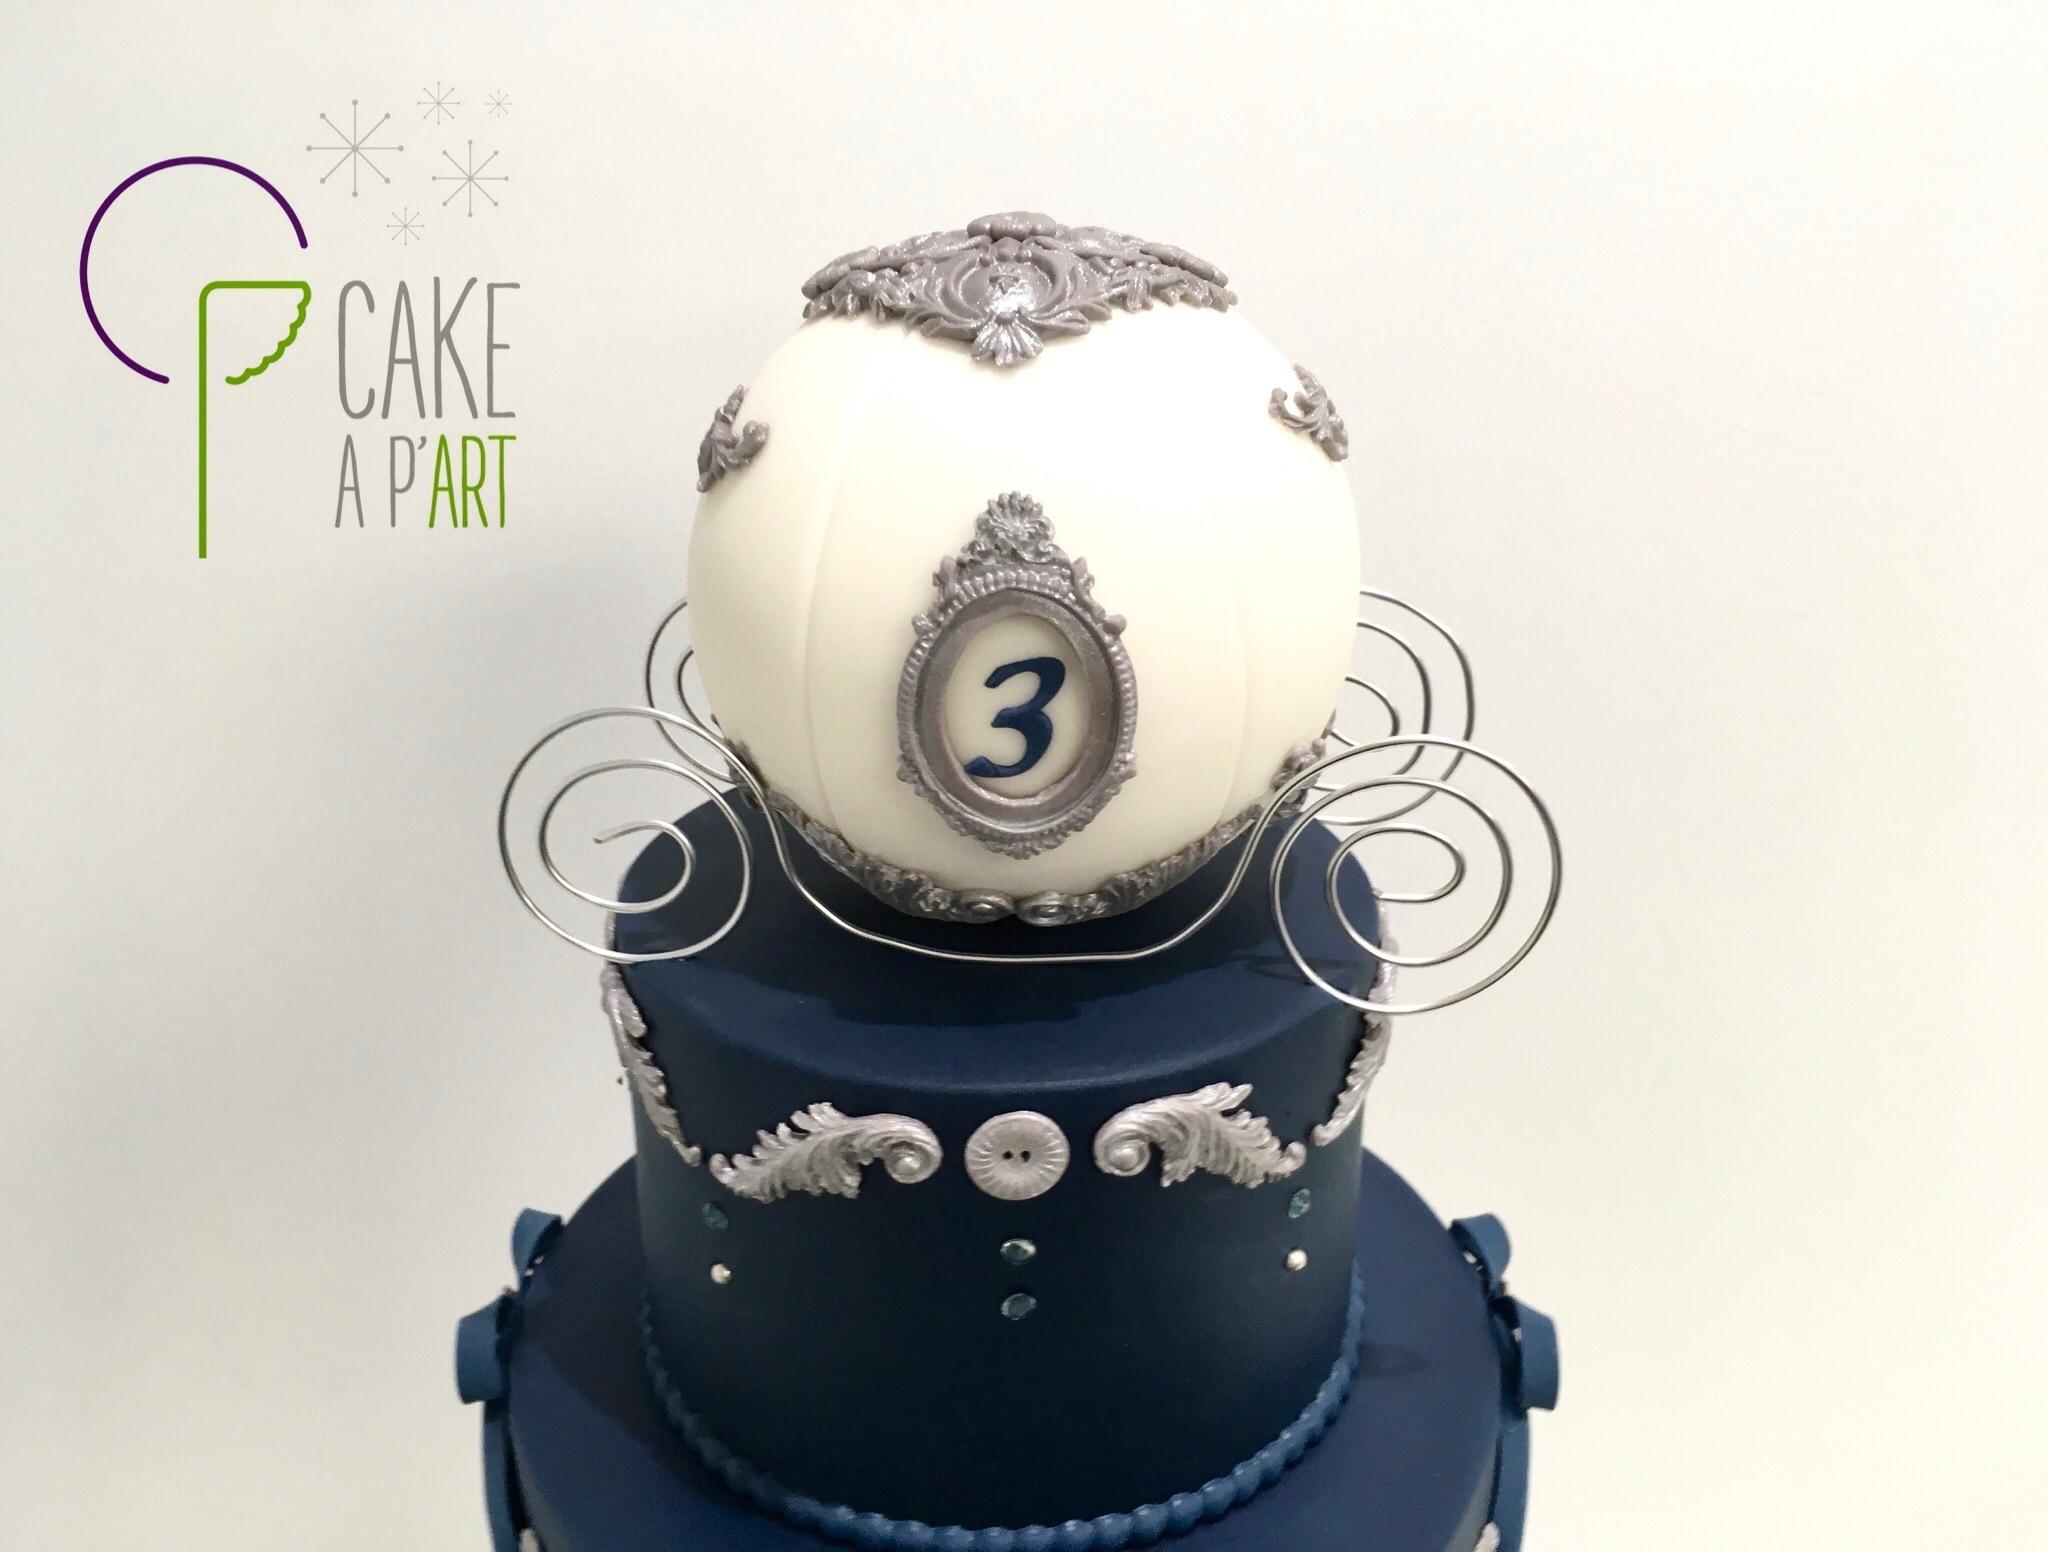 Décor modelage en sucre gâteaux personnalisés - Anniversaire Thème Cendrillon Bleu nuit